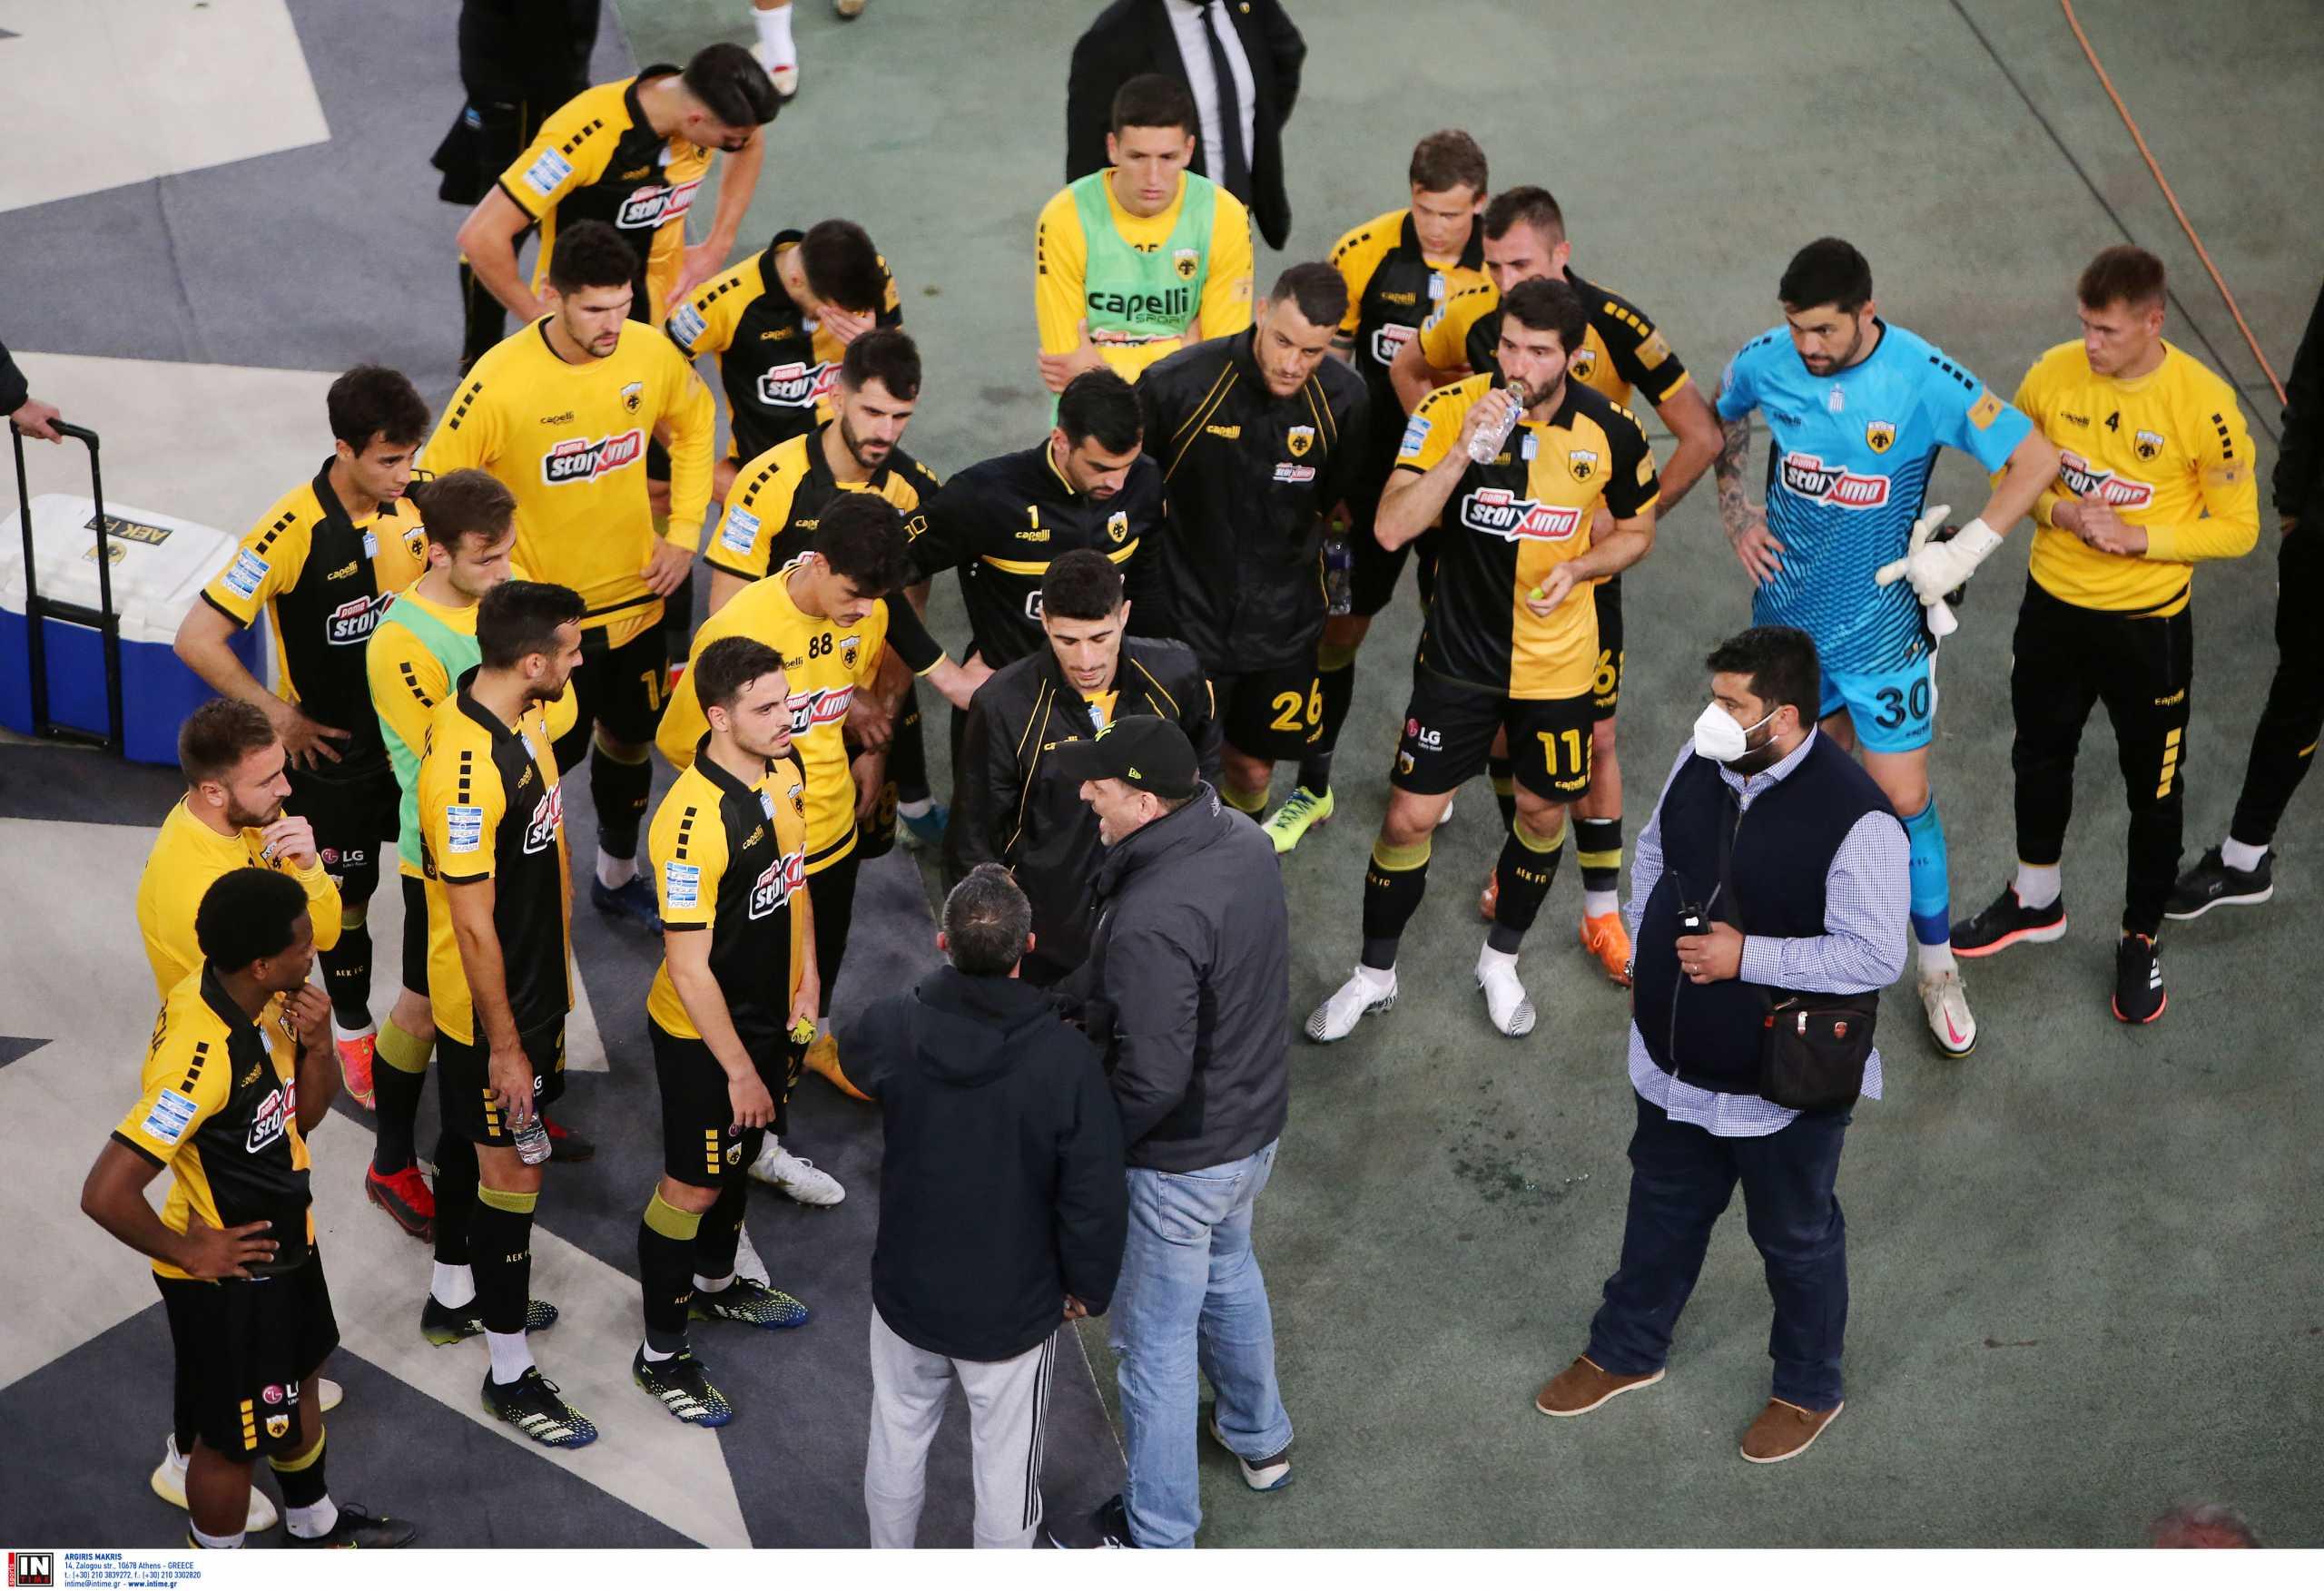 ΑΕΚ: Σε απολογία για τους οπαδούς που μπήκαν στο ταρτάν του ΟΑΚΑ